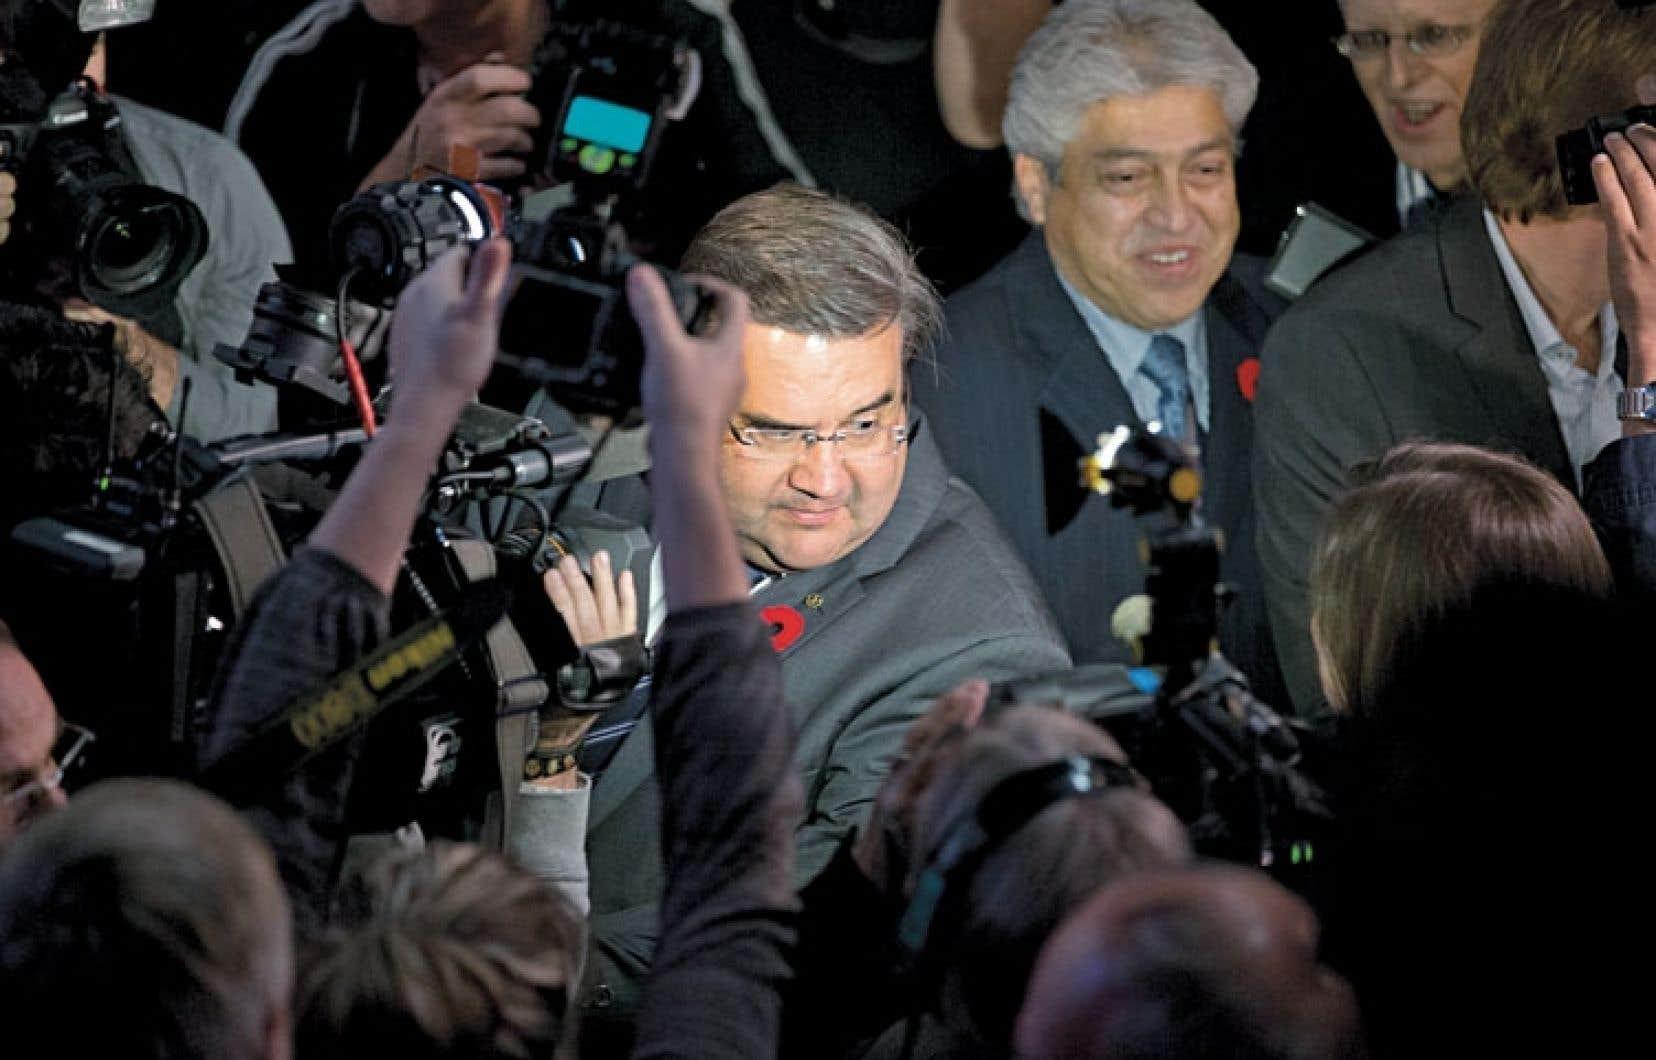 Avec 31% des voix, Denis Coderre n'a réussi qu'un seul exploit, celui de recueillir moins de votes que Gérald Tremblay, lequel, en 2009, récoltait 38% des votes.